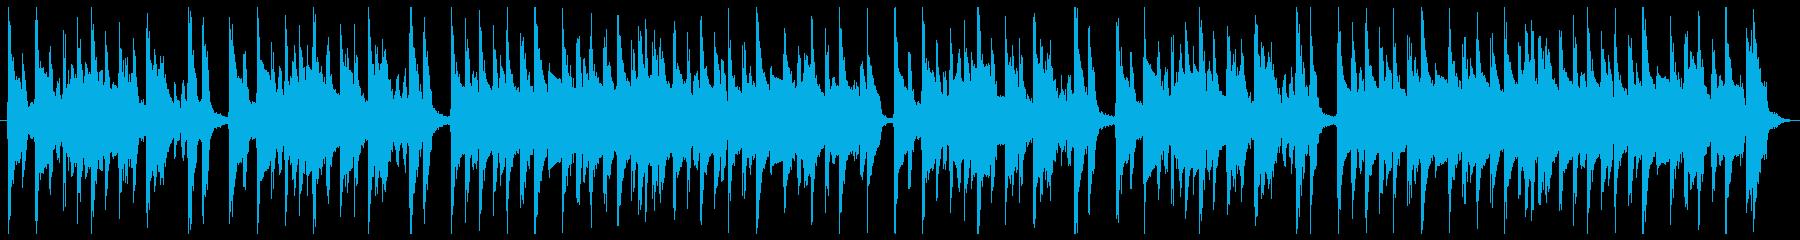 料理動画に最適なマリンバの再生済みの波形